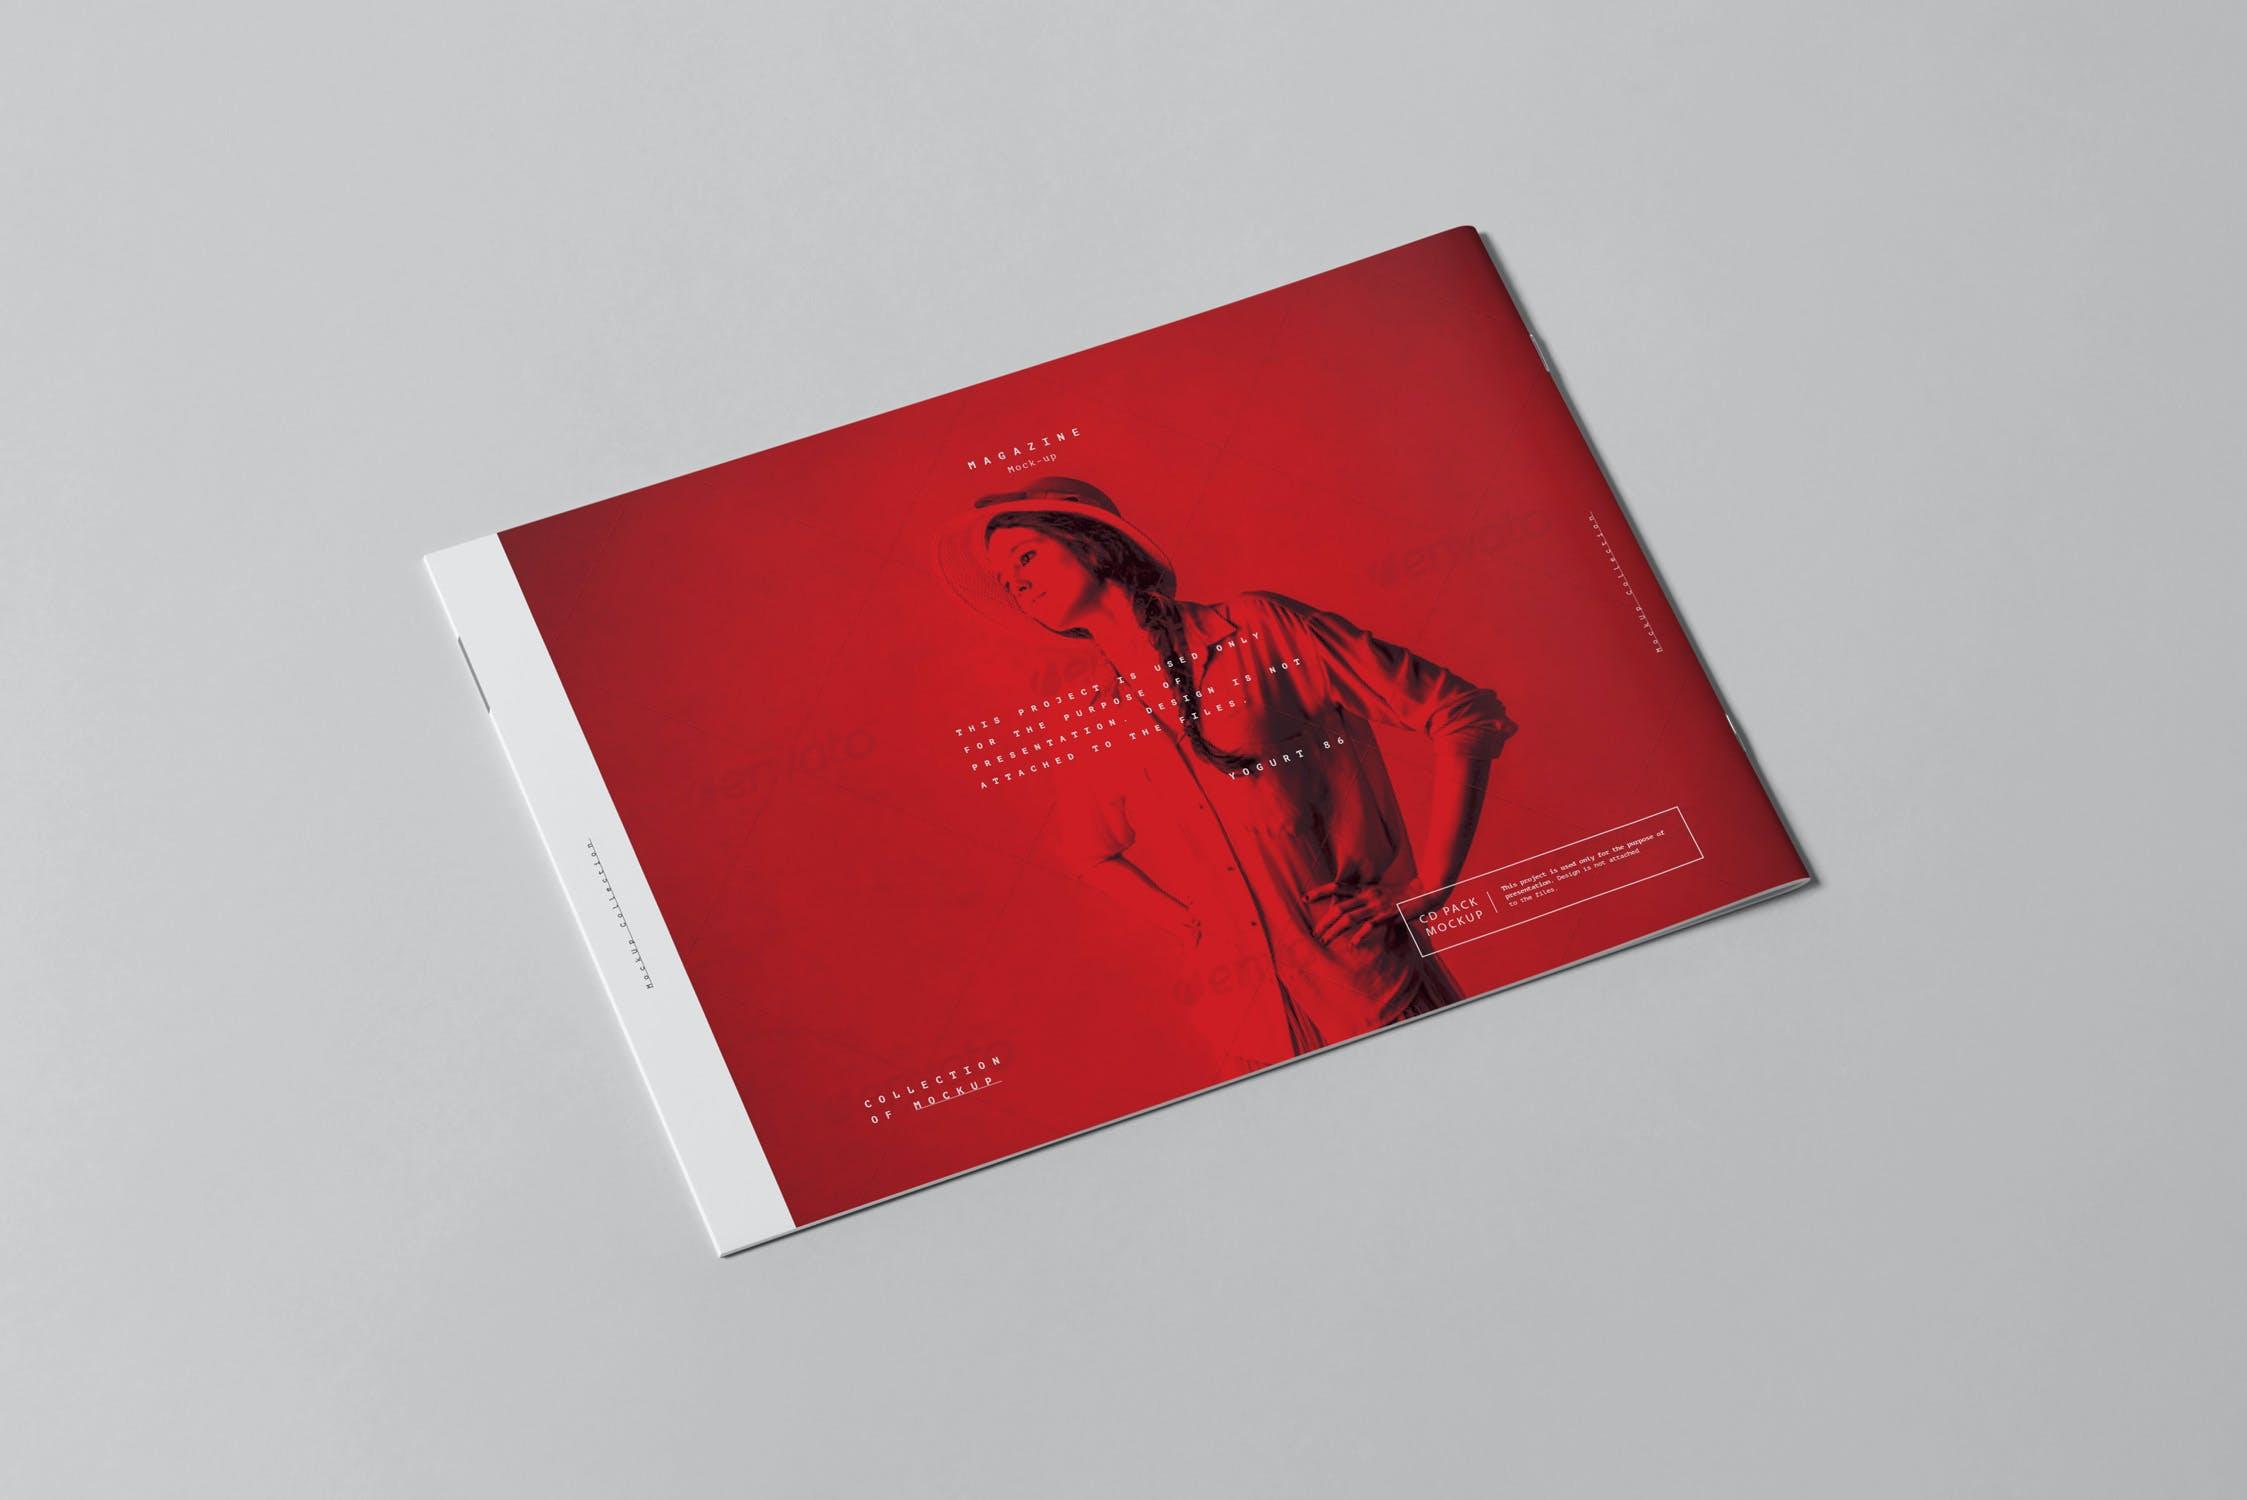 10款横版A4画册杂志设计展示样机模板 A4 Horizontal Brochure Mockup 3插图(3)